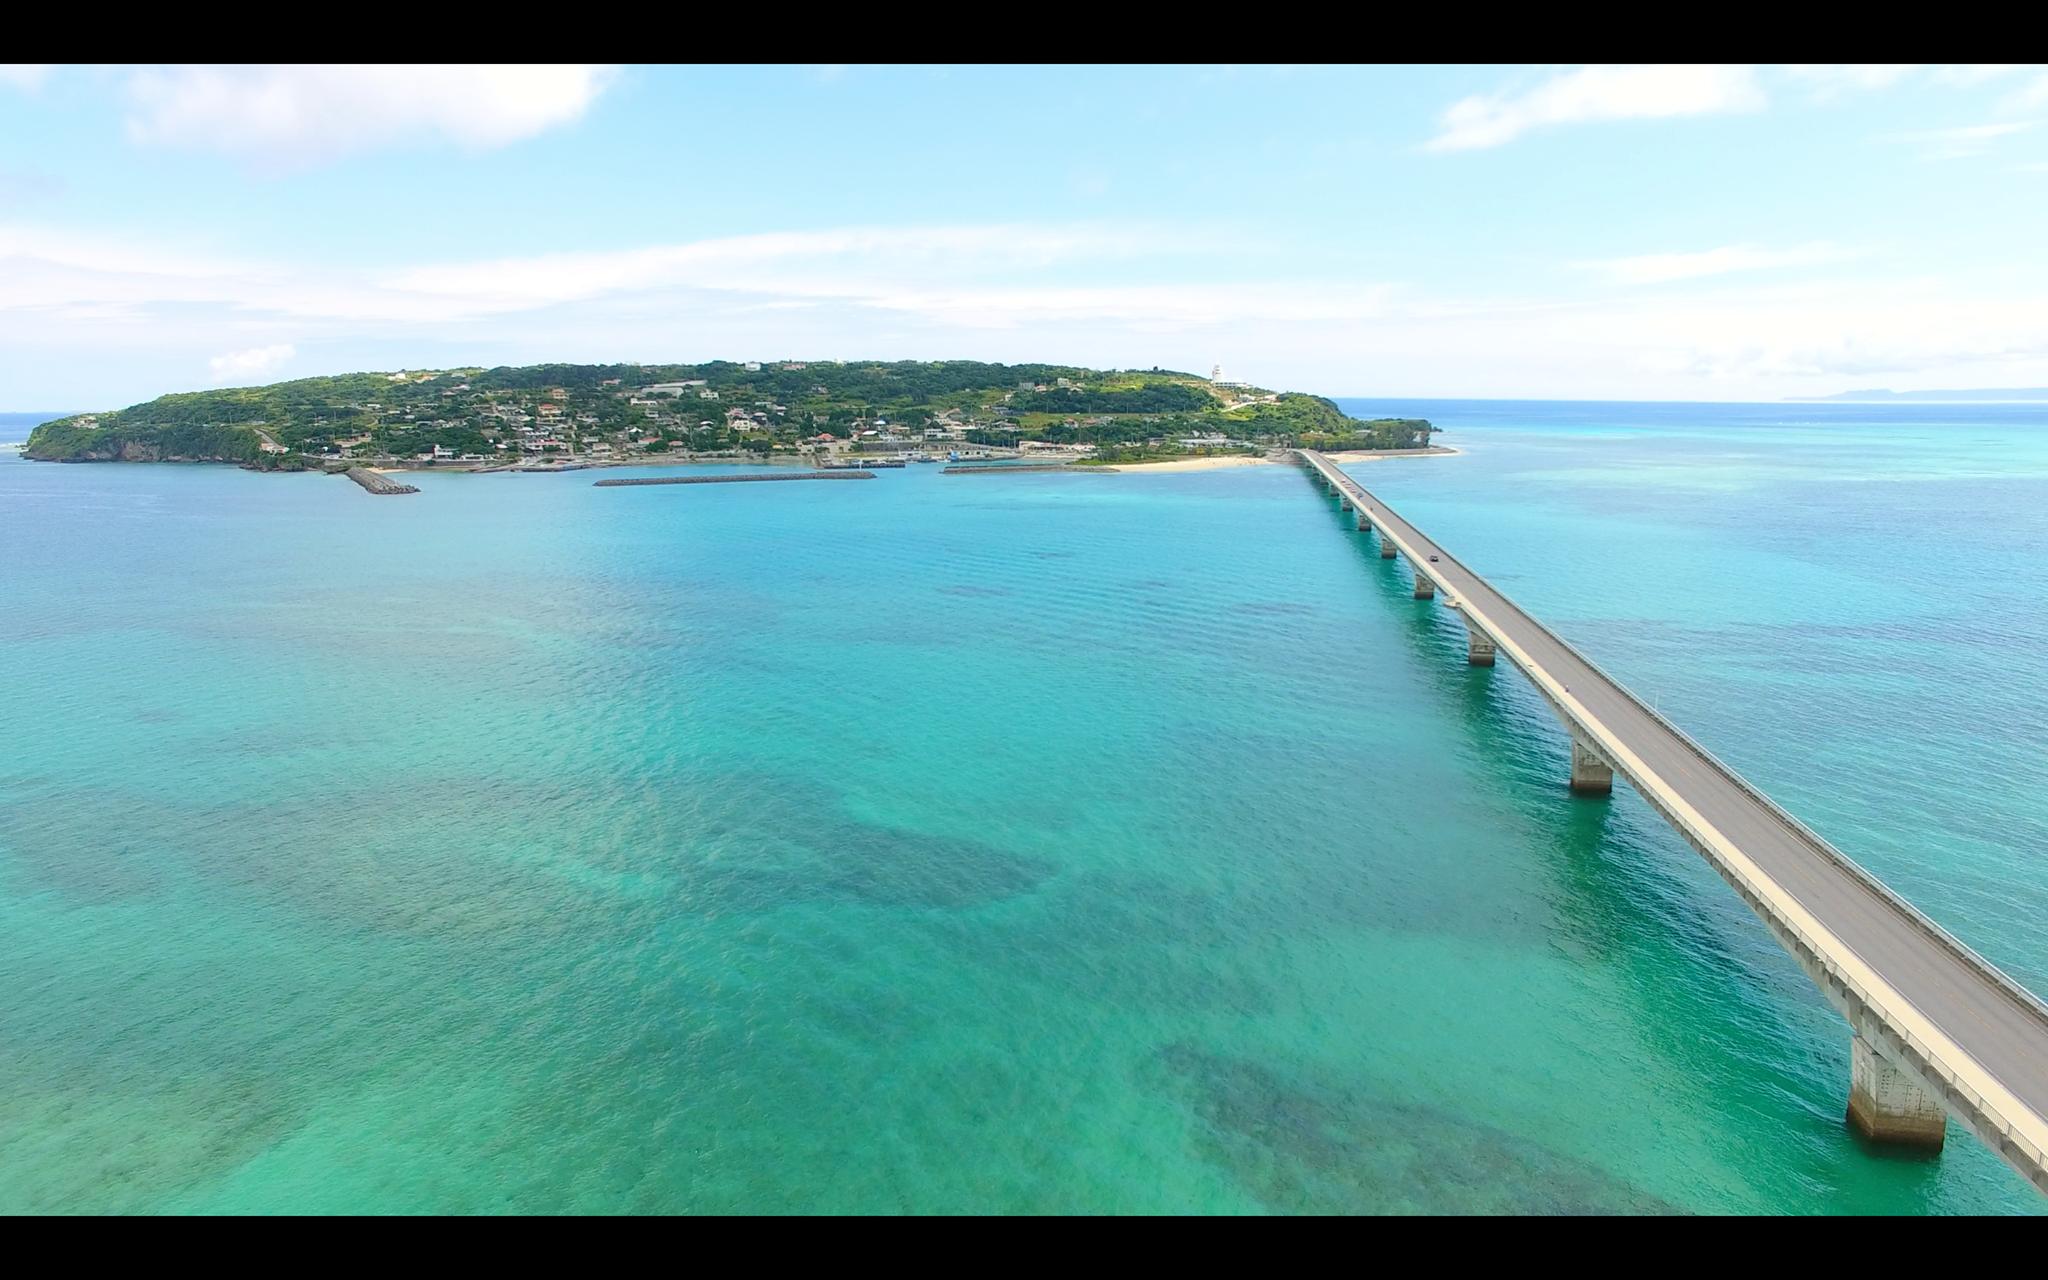 古宇利島をドローンで撮影した画像